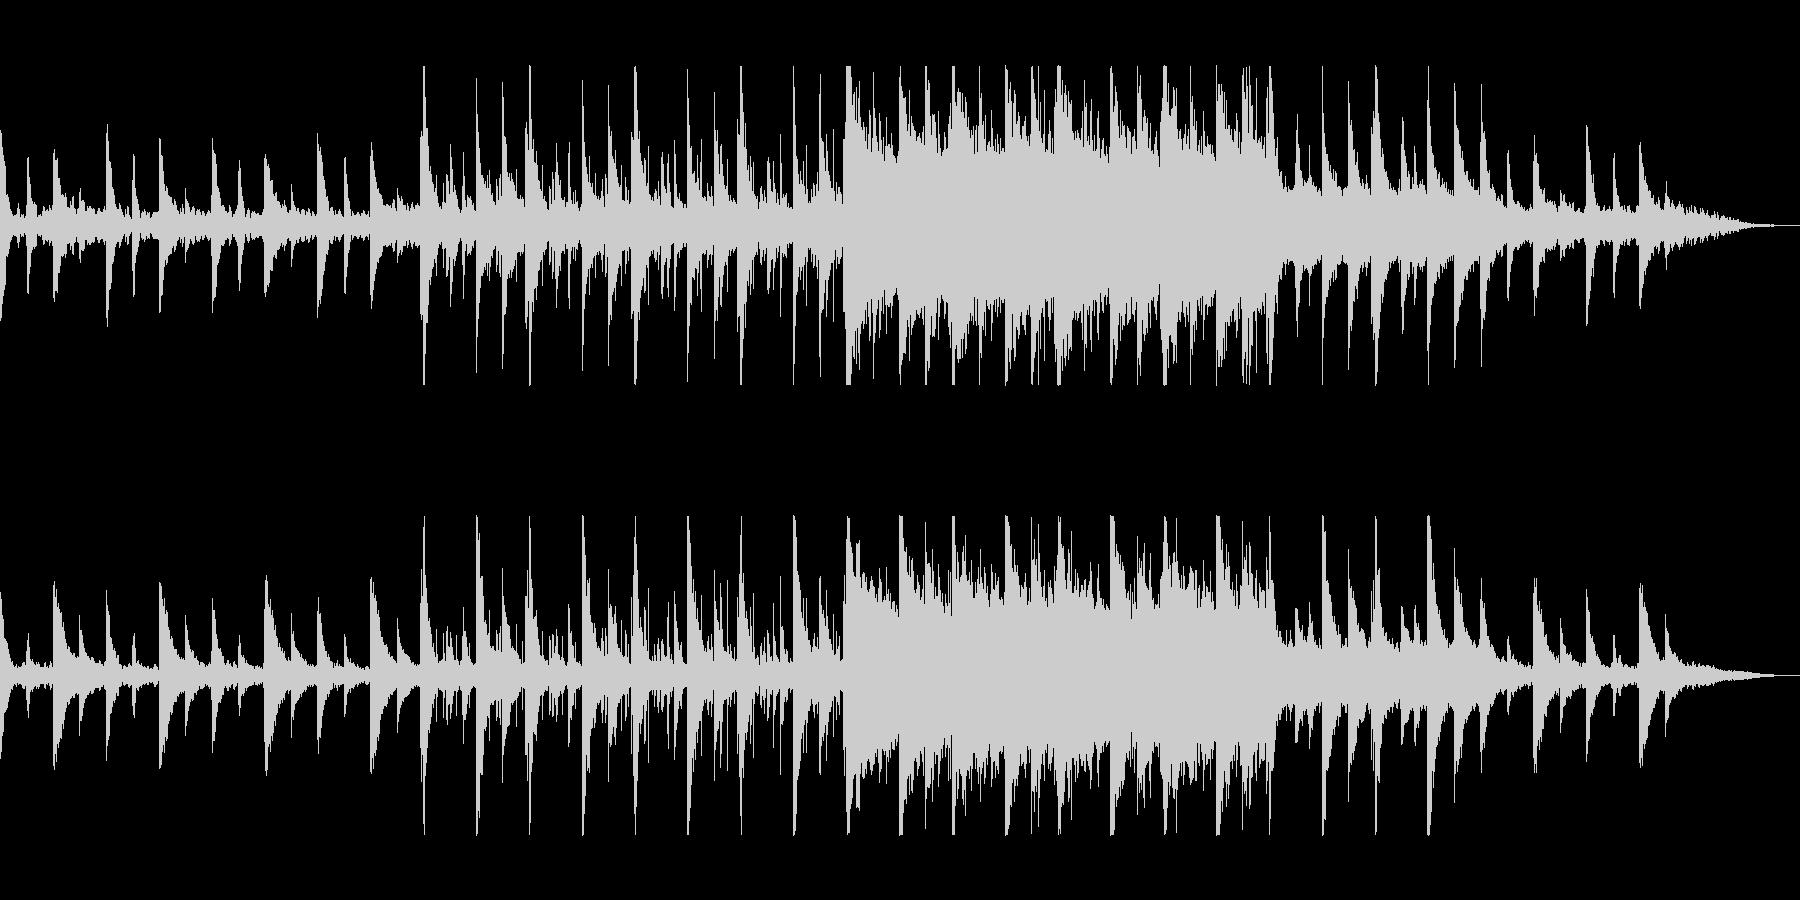 美しく滑らかなストリングのピアノ曲の未再生の波形